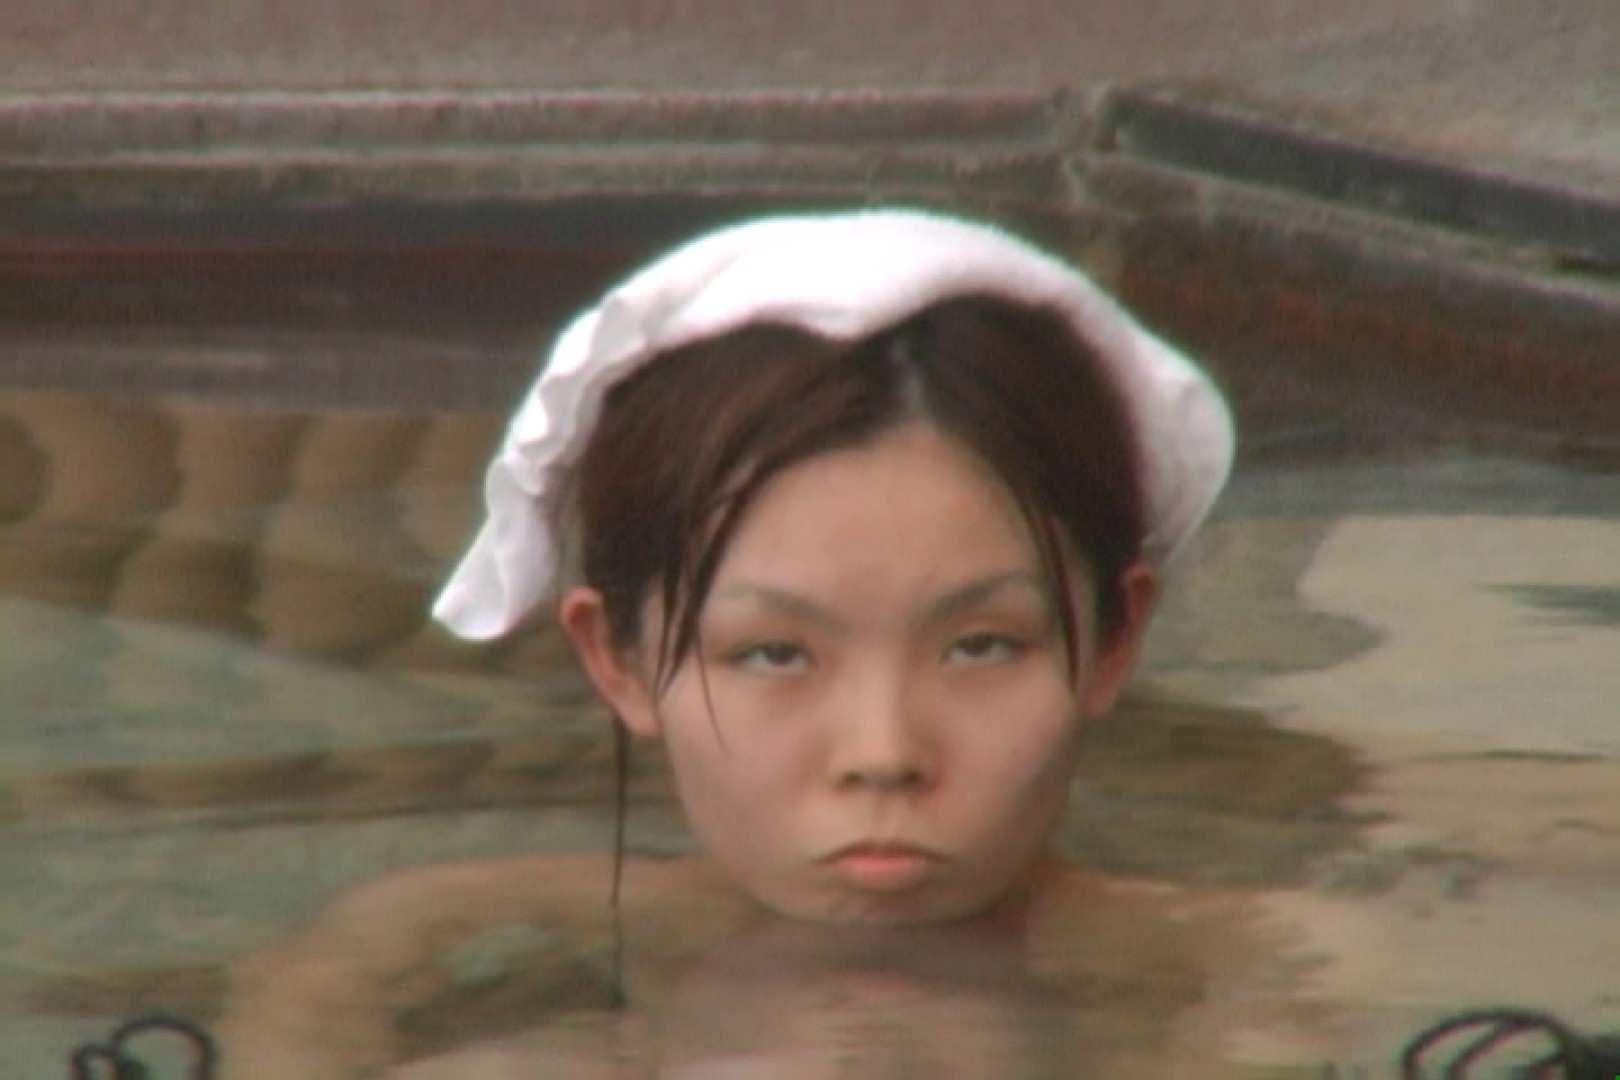 Aquaな露天風呂Vol.580 0   0  103pic 61